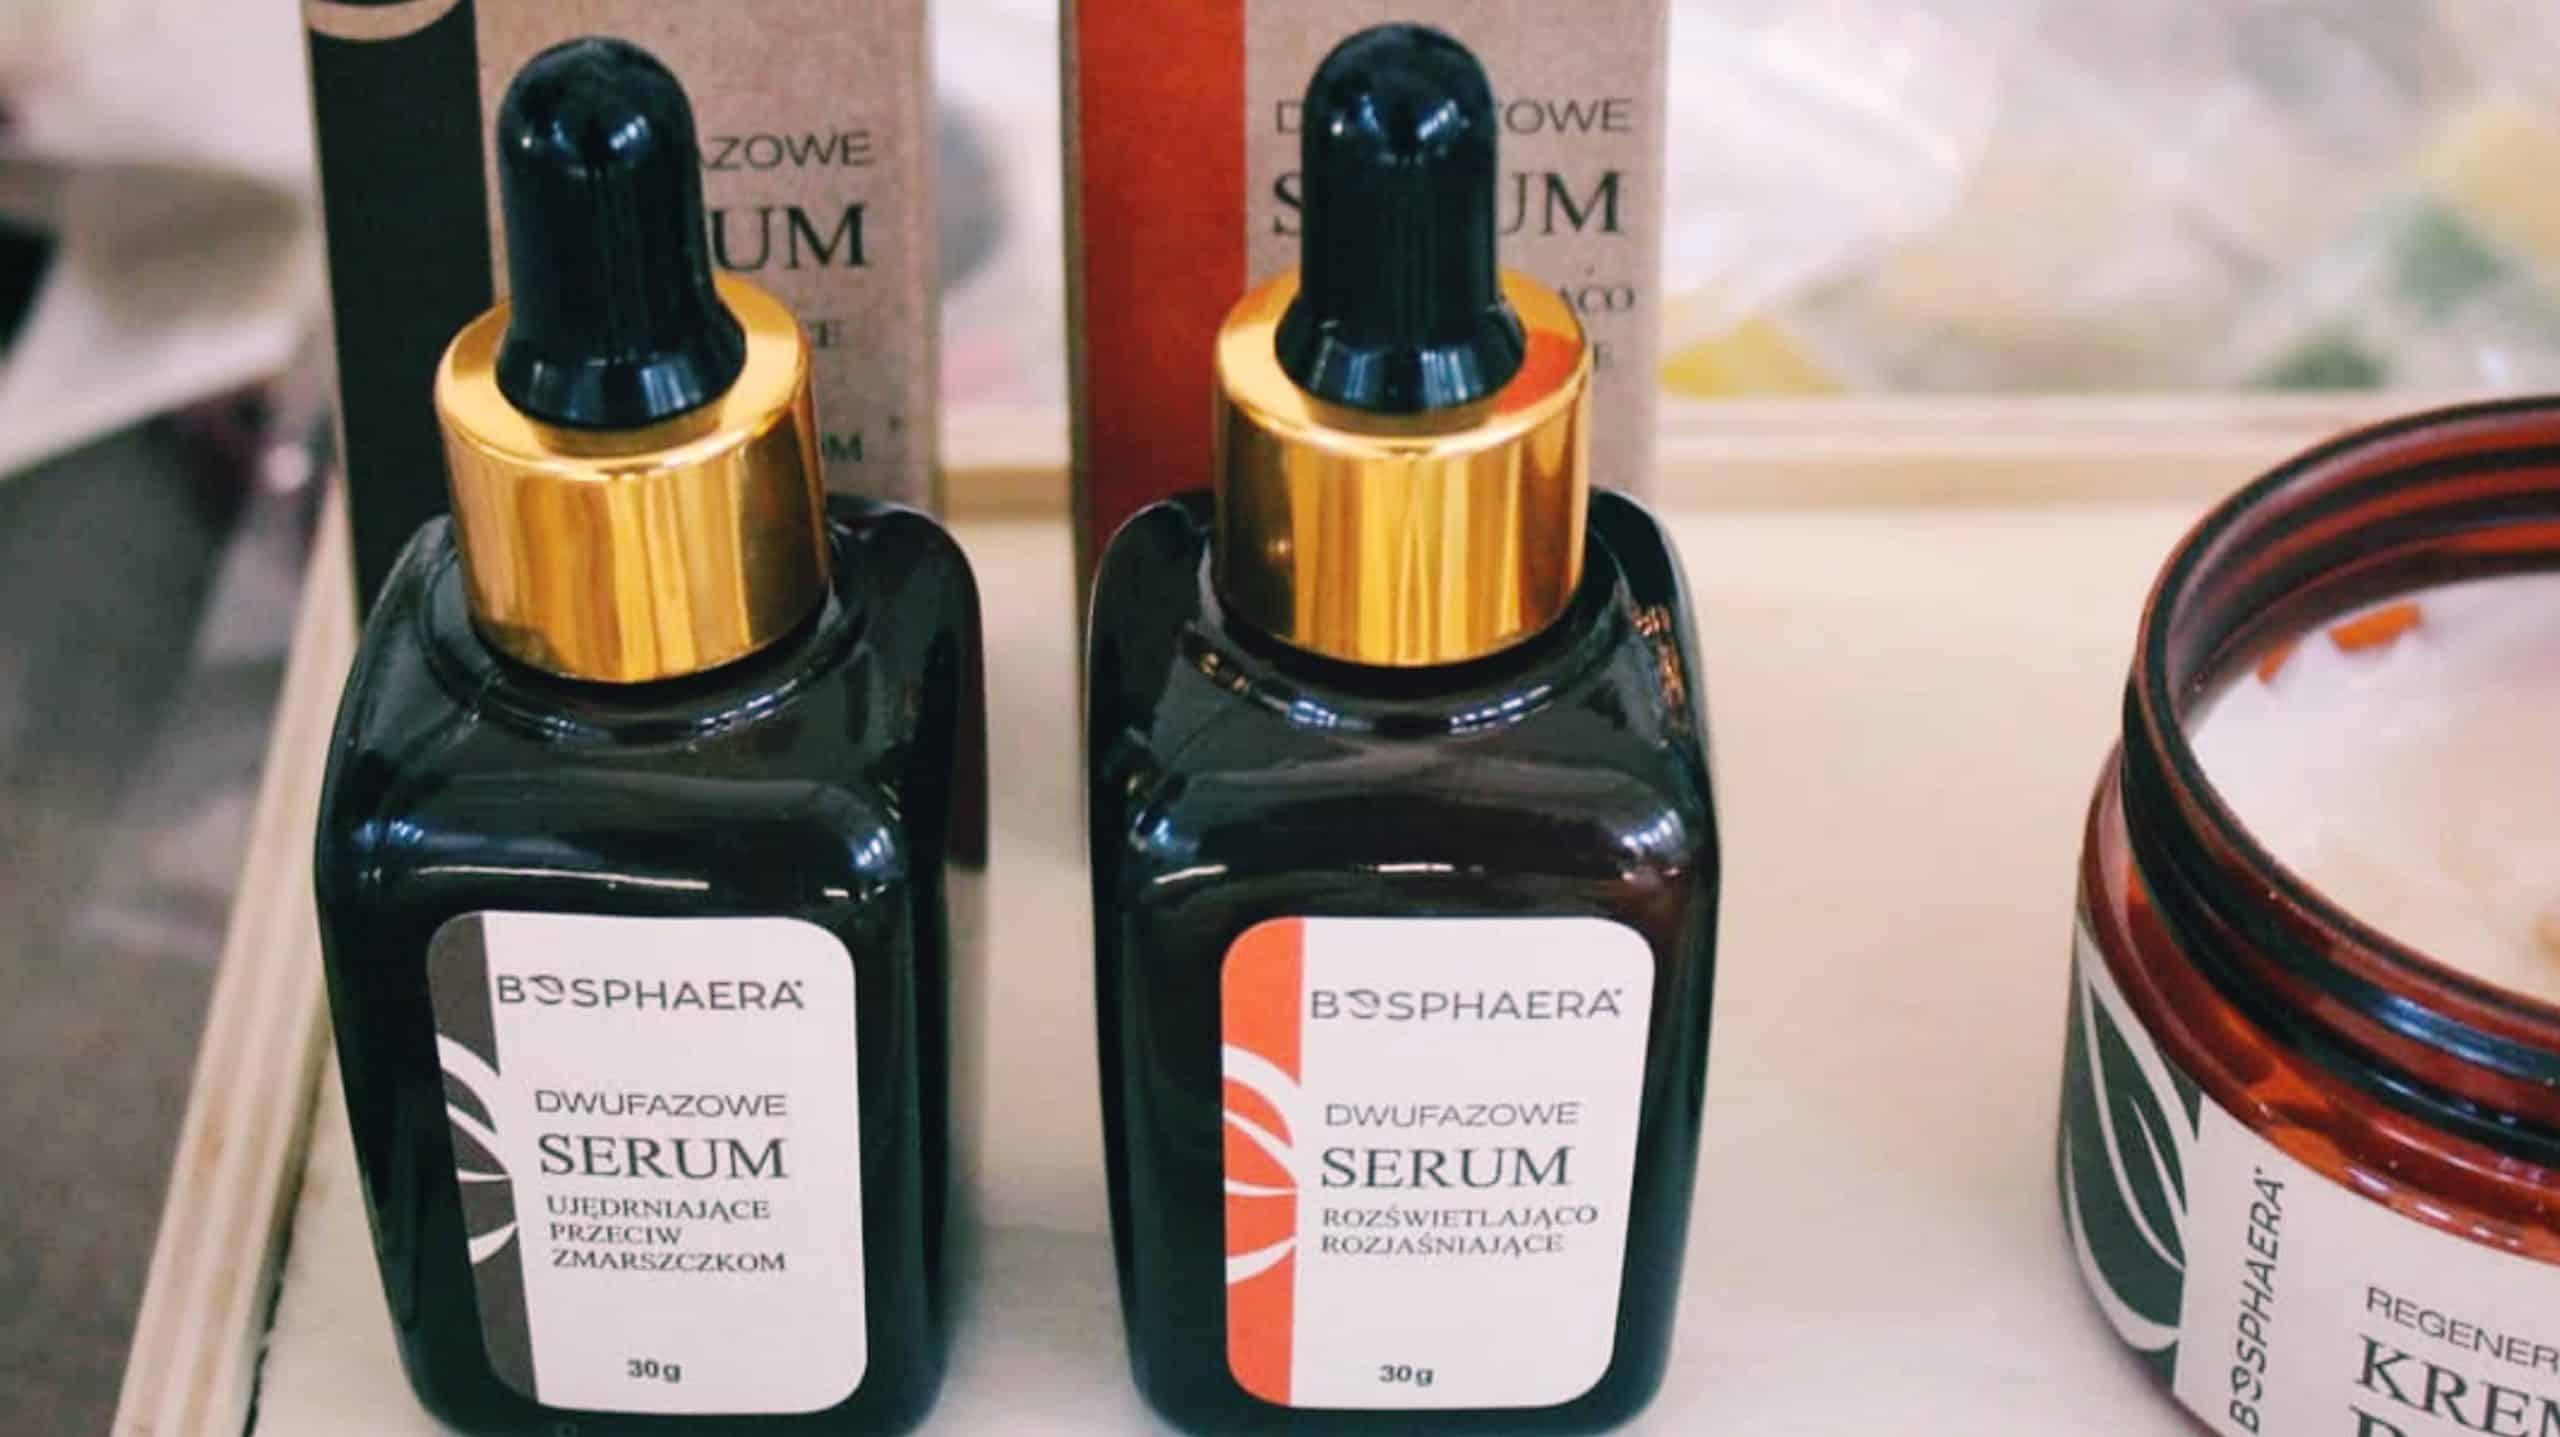 Nasza nowość - serum rozświetlająco-rozjaśniające